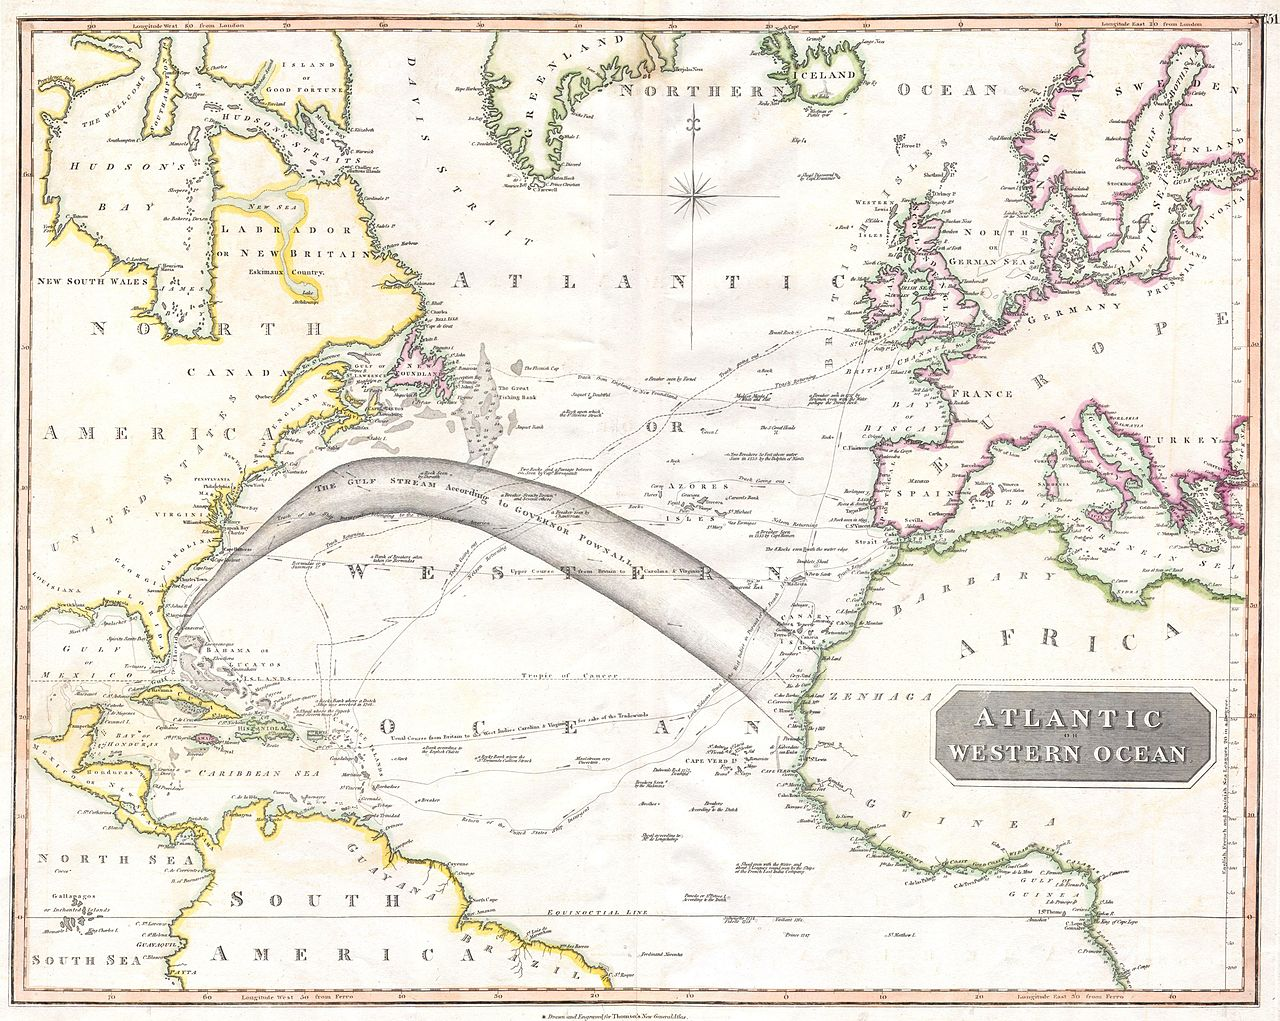 Atlantischer Ozean mit Golfstrom 1814, Karte von John Thomson (1777 - 1840)